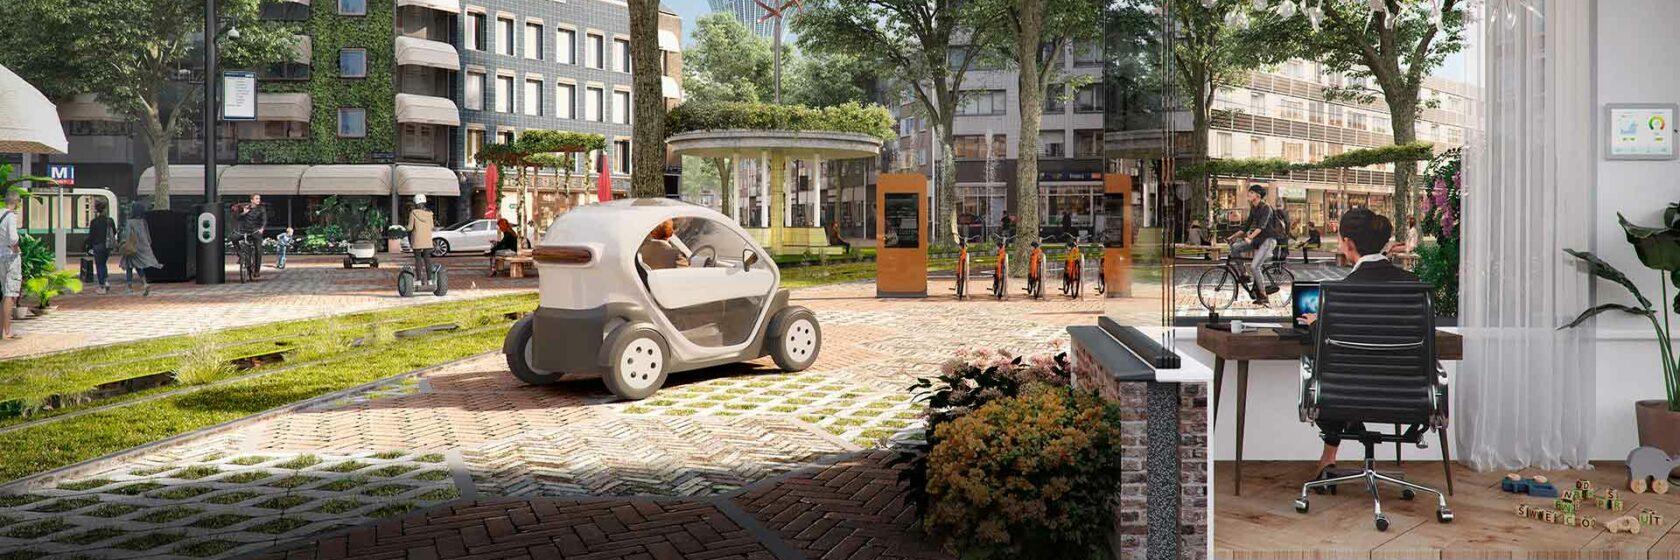 Digitale tekening van stadsbeeld waarin duurzame energie wordt gebruikt